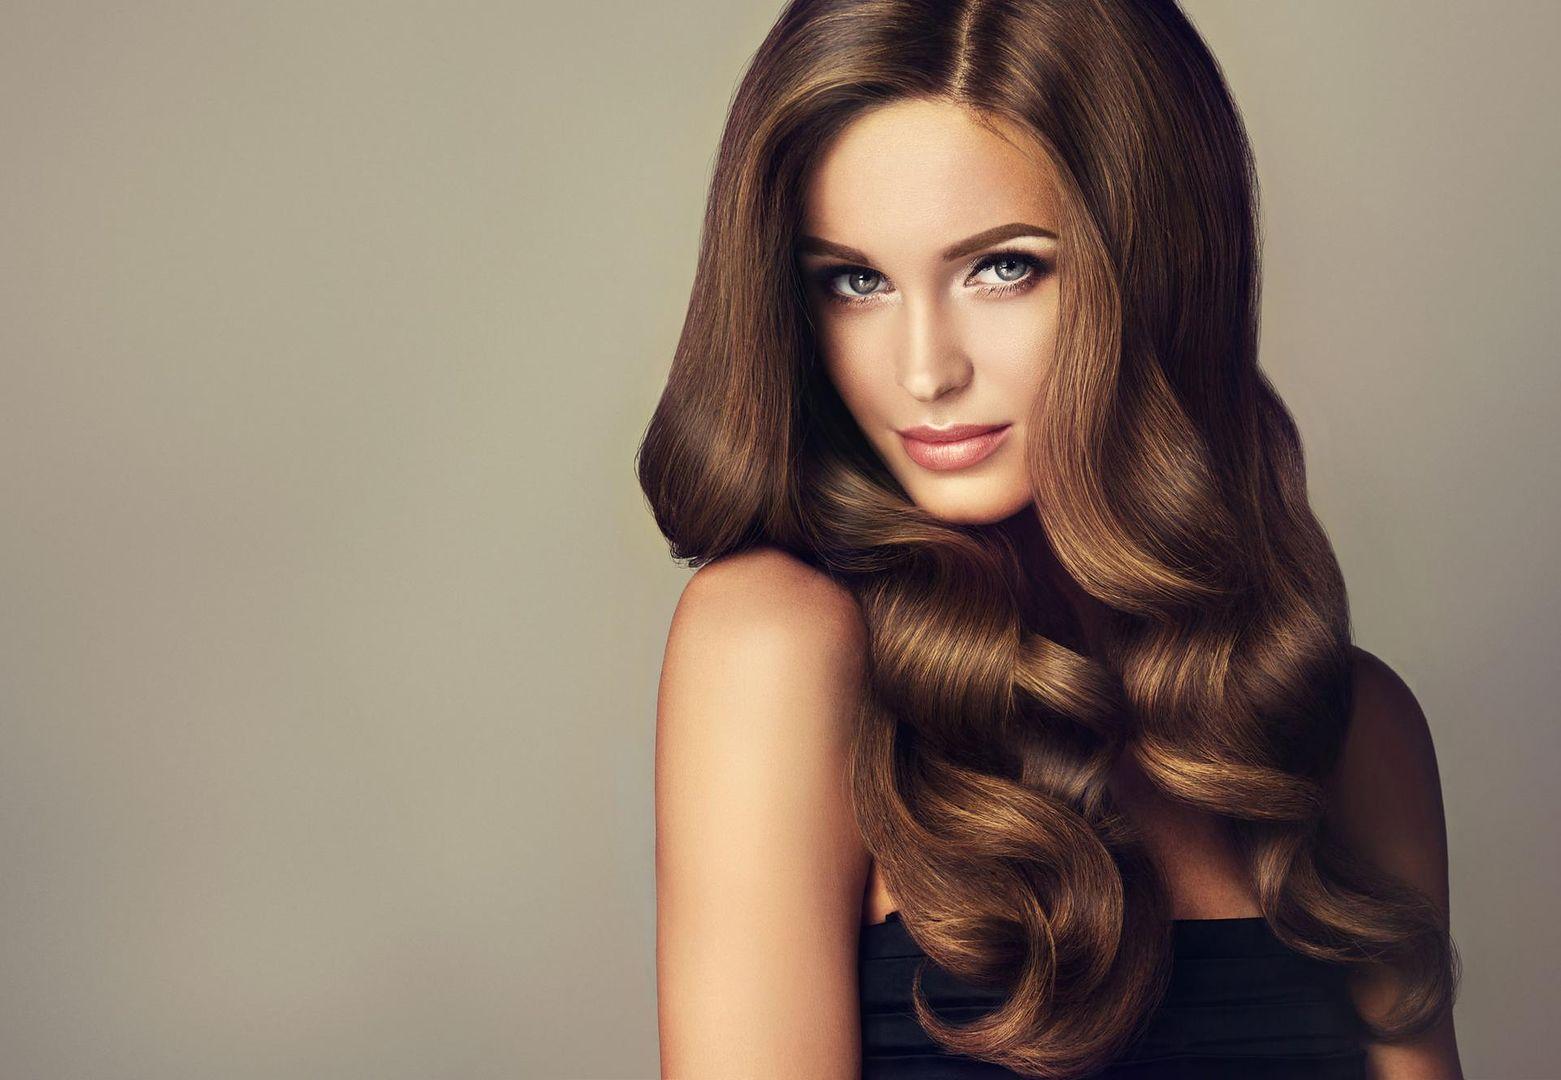 Długie Włosy Przycinanie Modne Upięcia Szybkie Fryzury